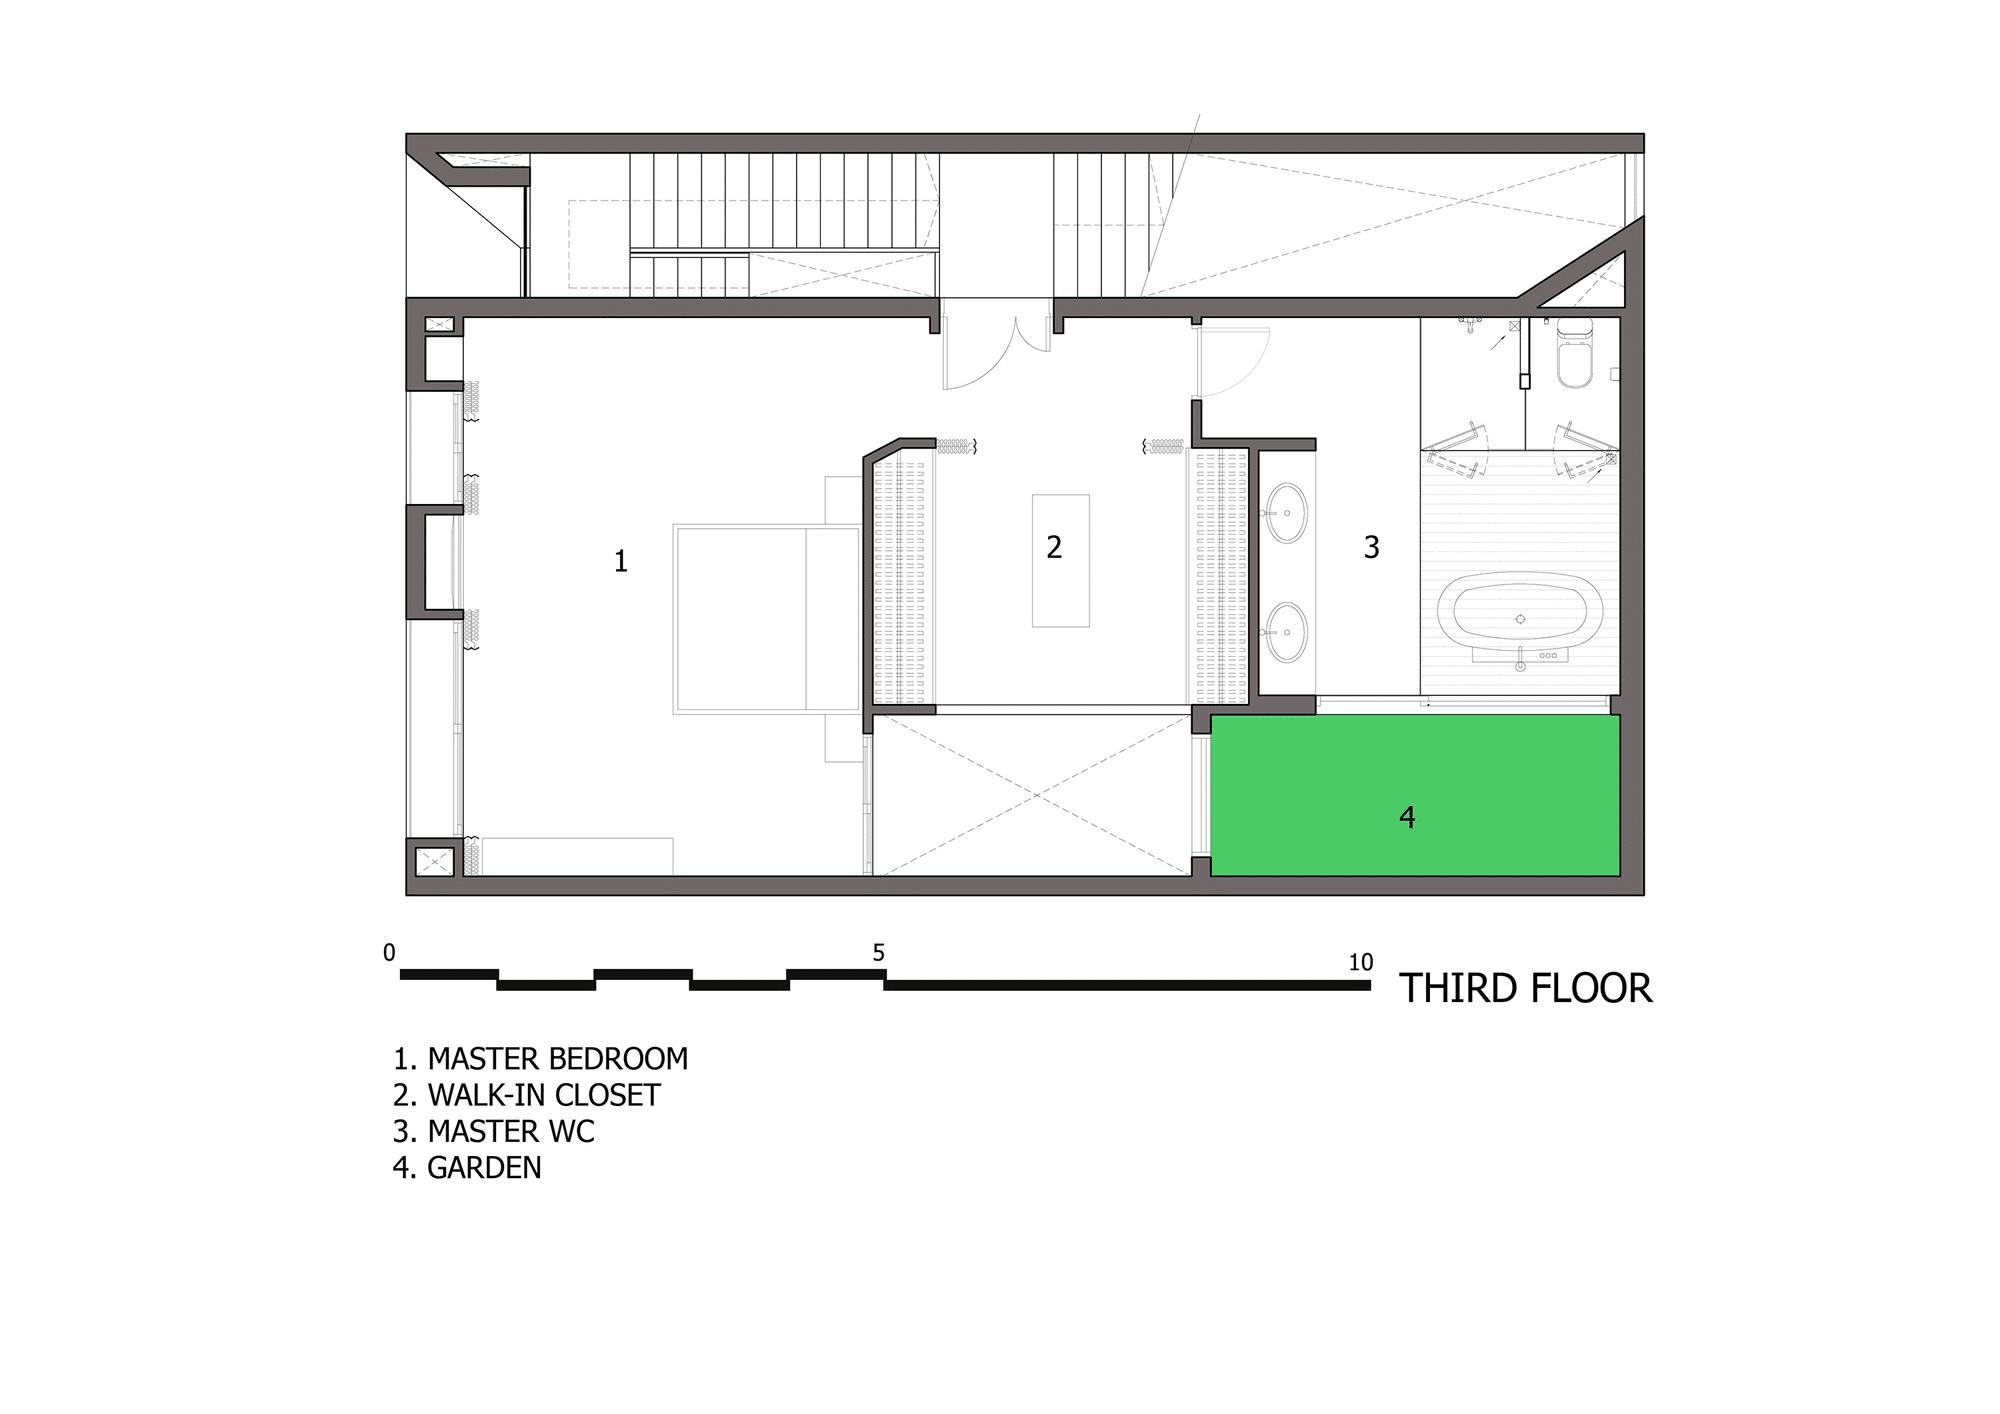 Diseno De Casa Moderna De Tres Pisos Planos Y Fachada